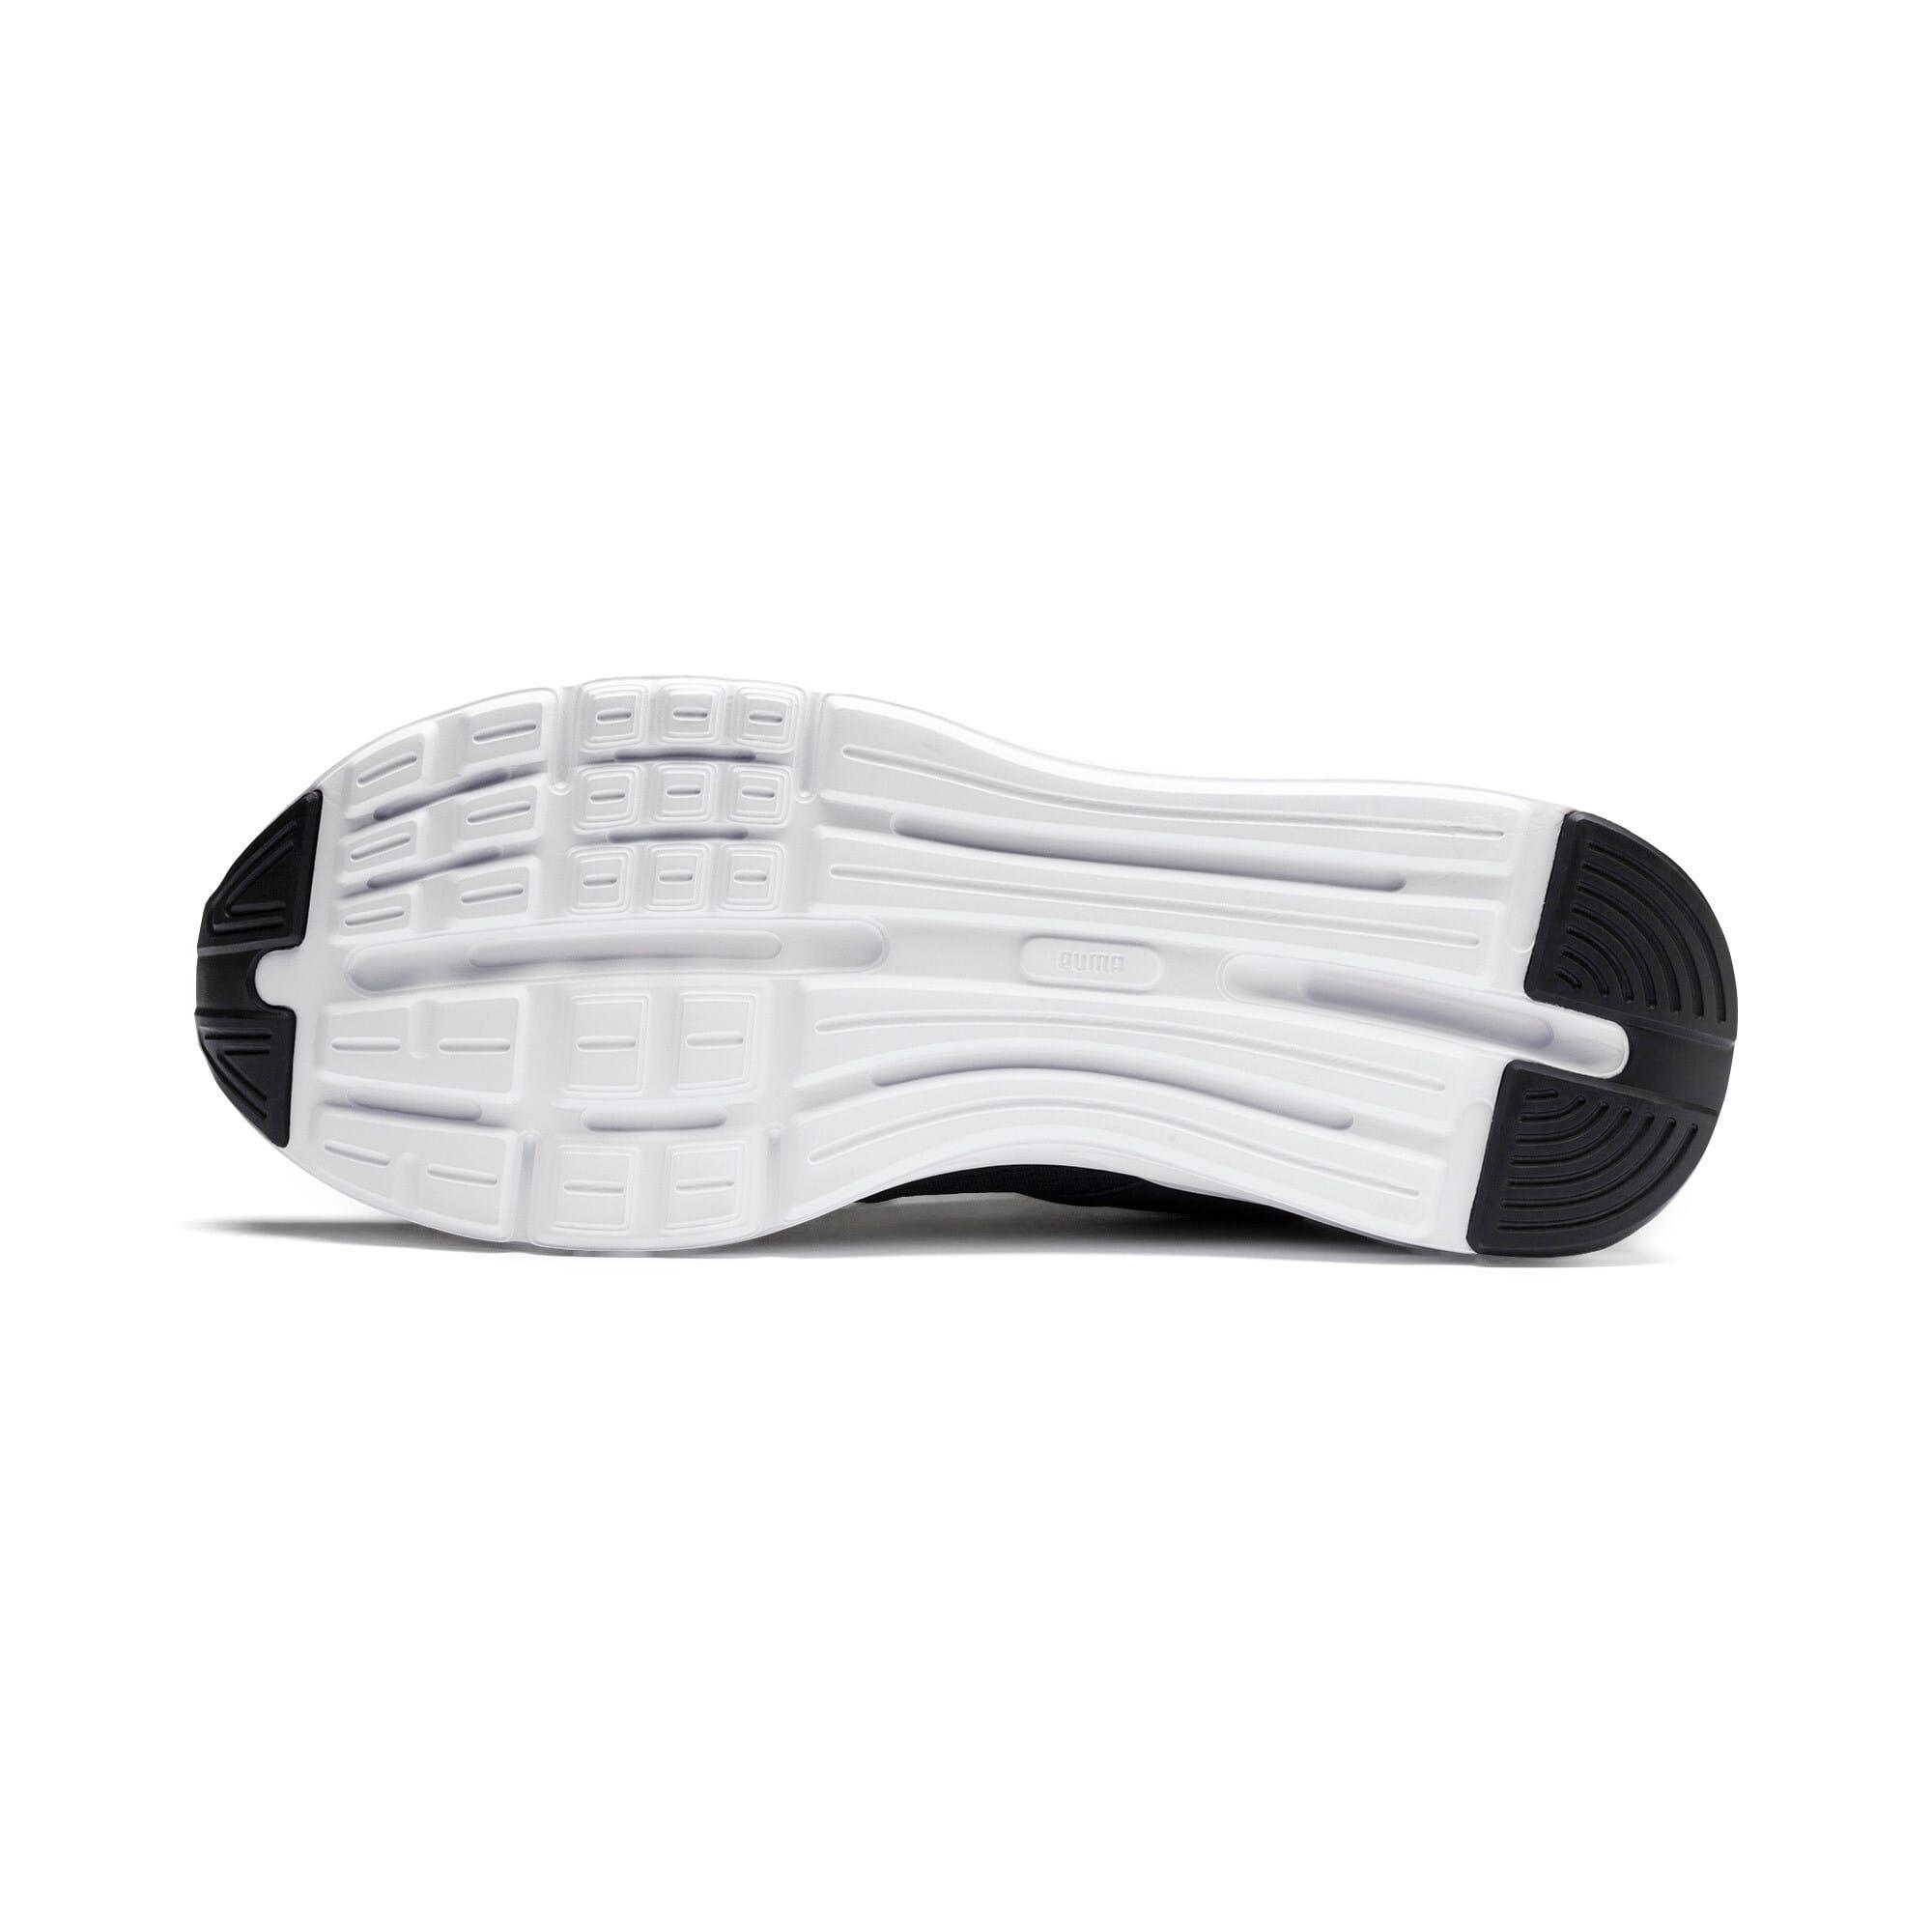 Thumbnail 5 of Enzo Sport Men's Training Shoes, Puma Black-Puma White, medium